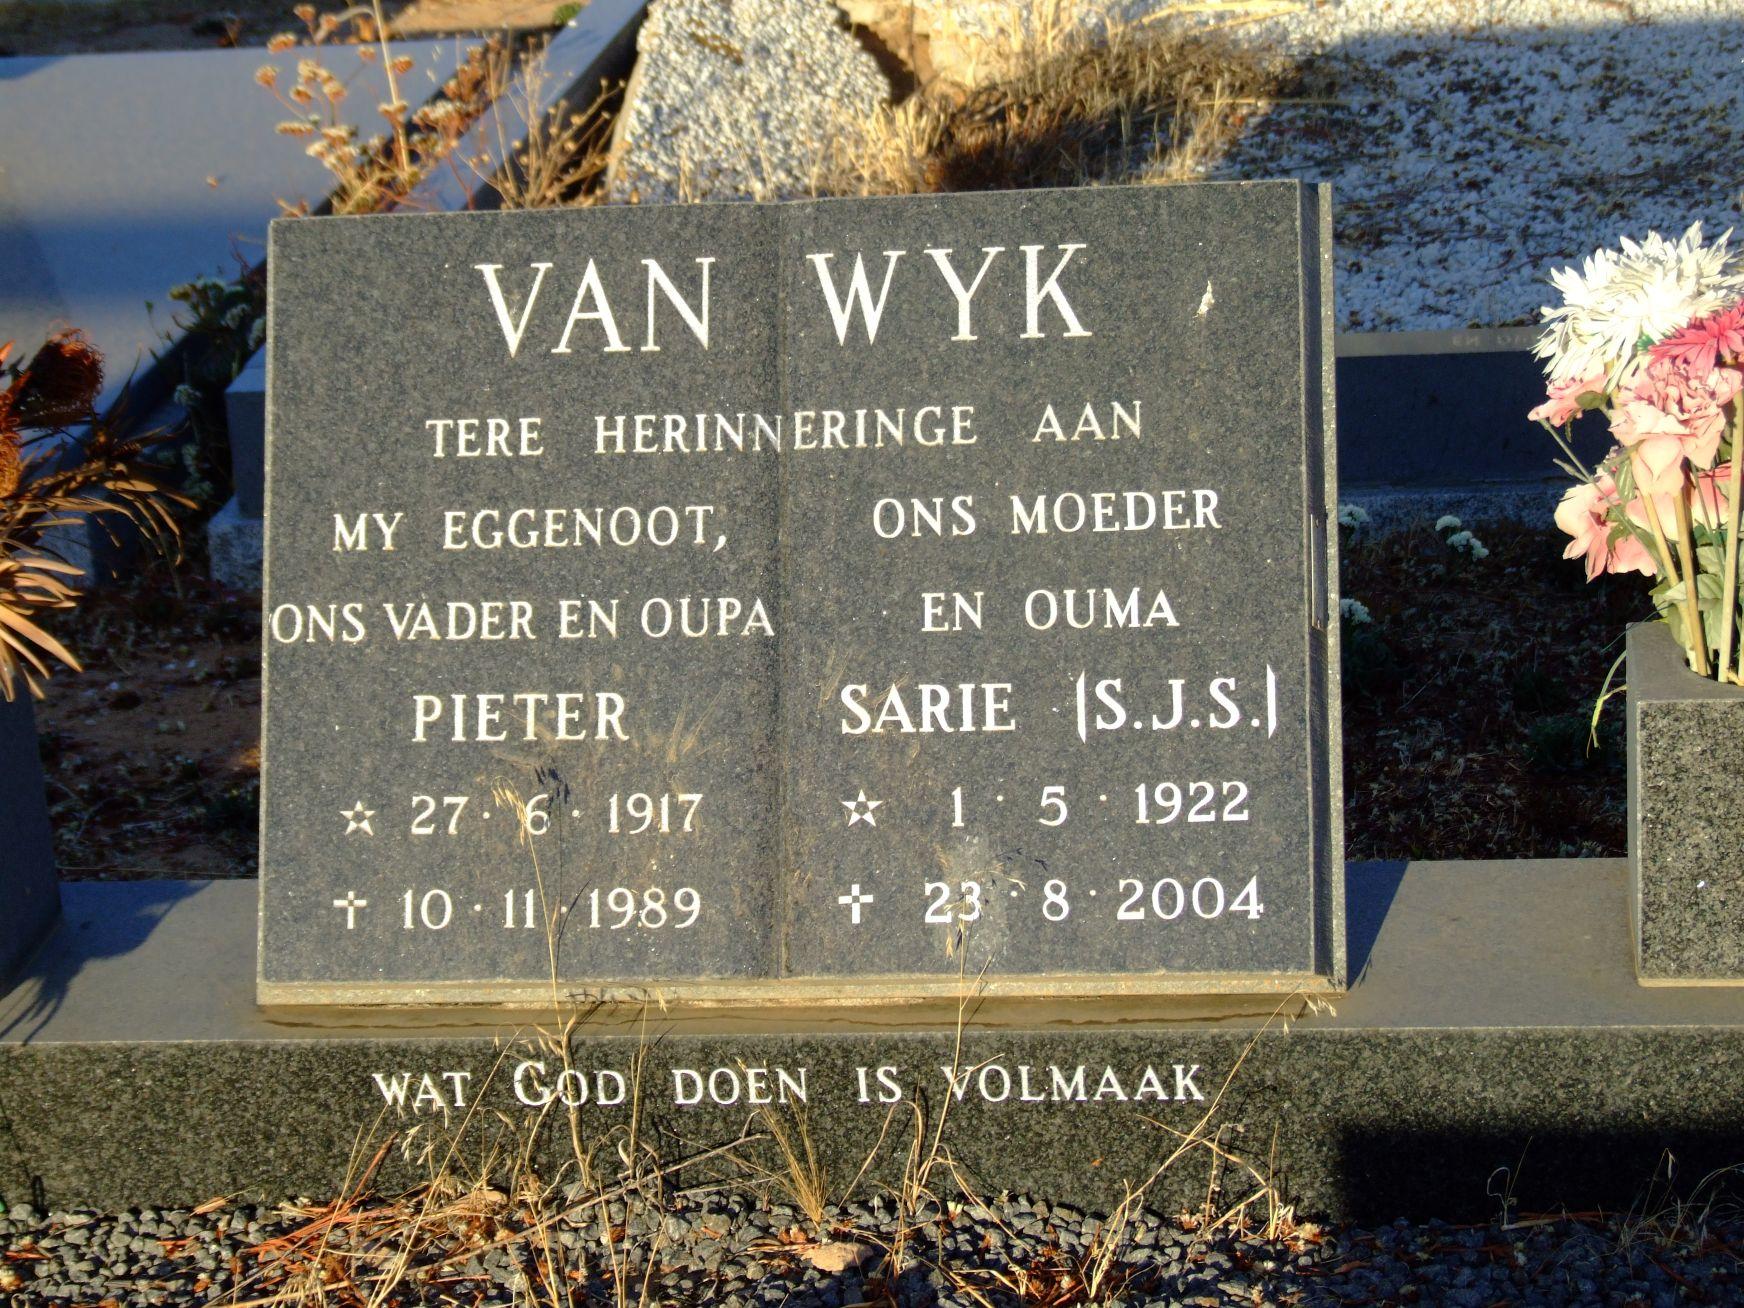 Van Wyk, Pieter and Sarie